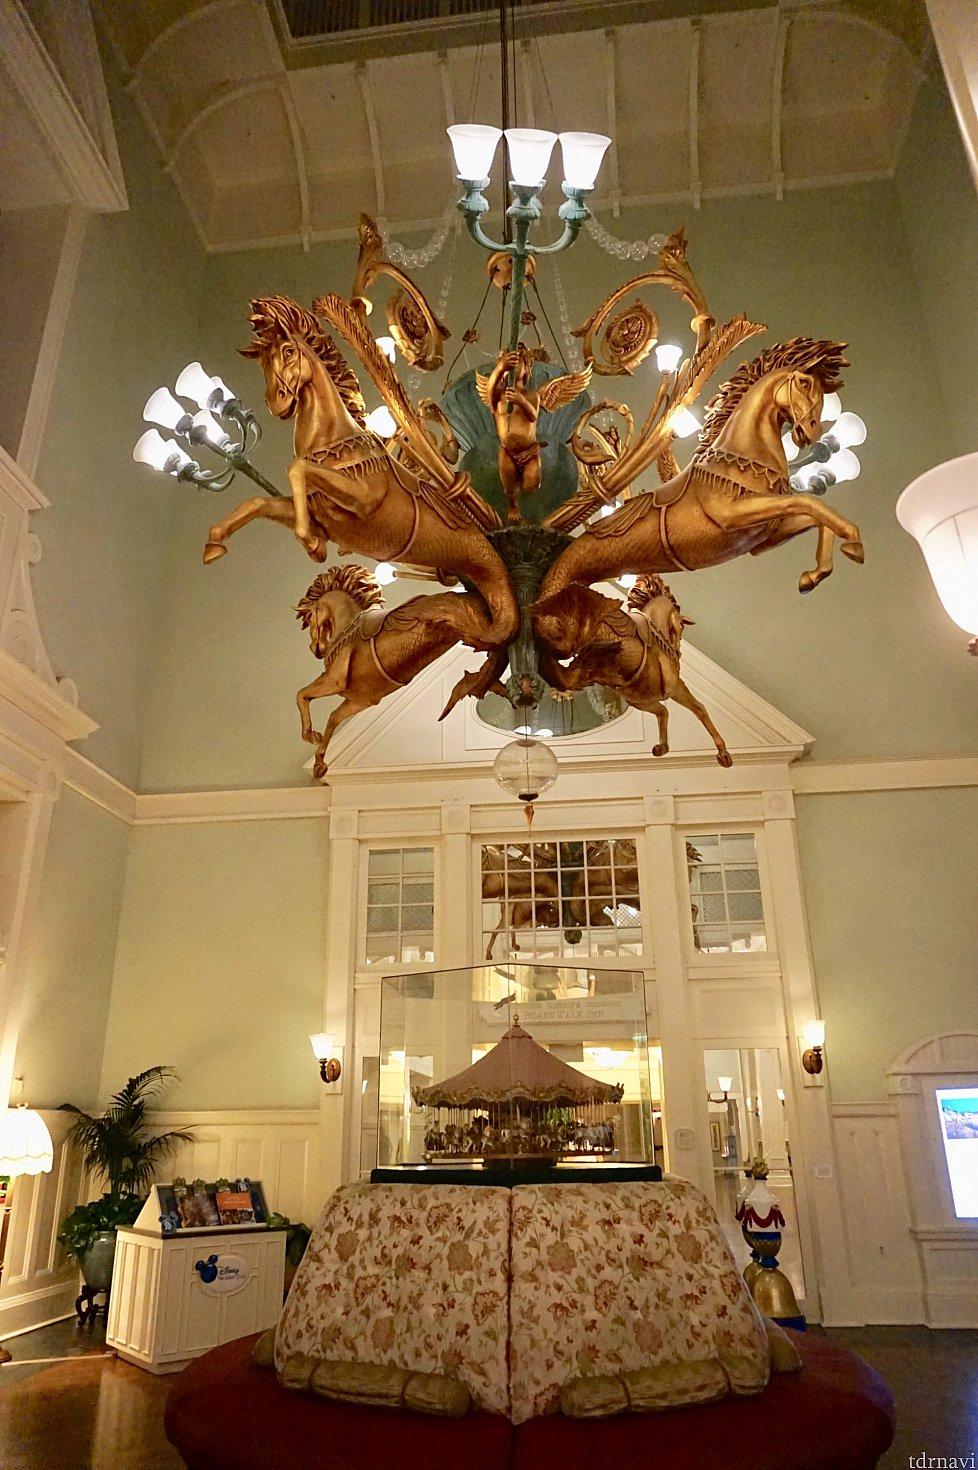 ホテルの入口にはこんな素敵なシャンデリア。メリーゴーランドのミニチュアがお出迎えしてくれます。